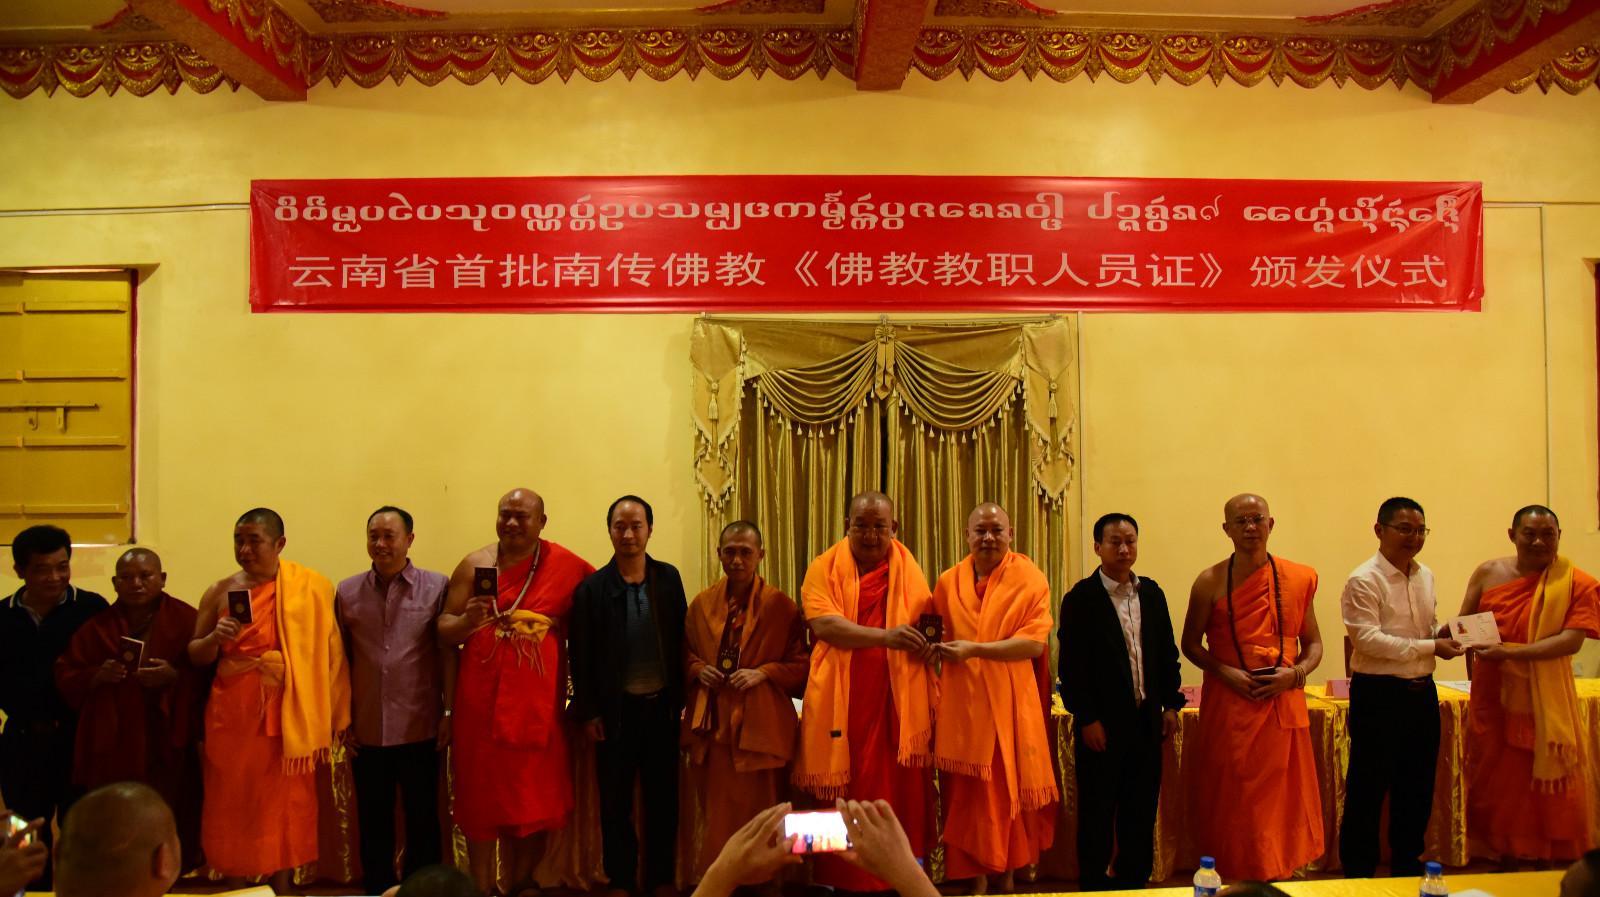 首批《佛教教职人员证(南传佛教版)》颁发仪式在西双版纳总佛寺举行